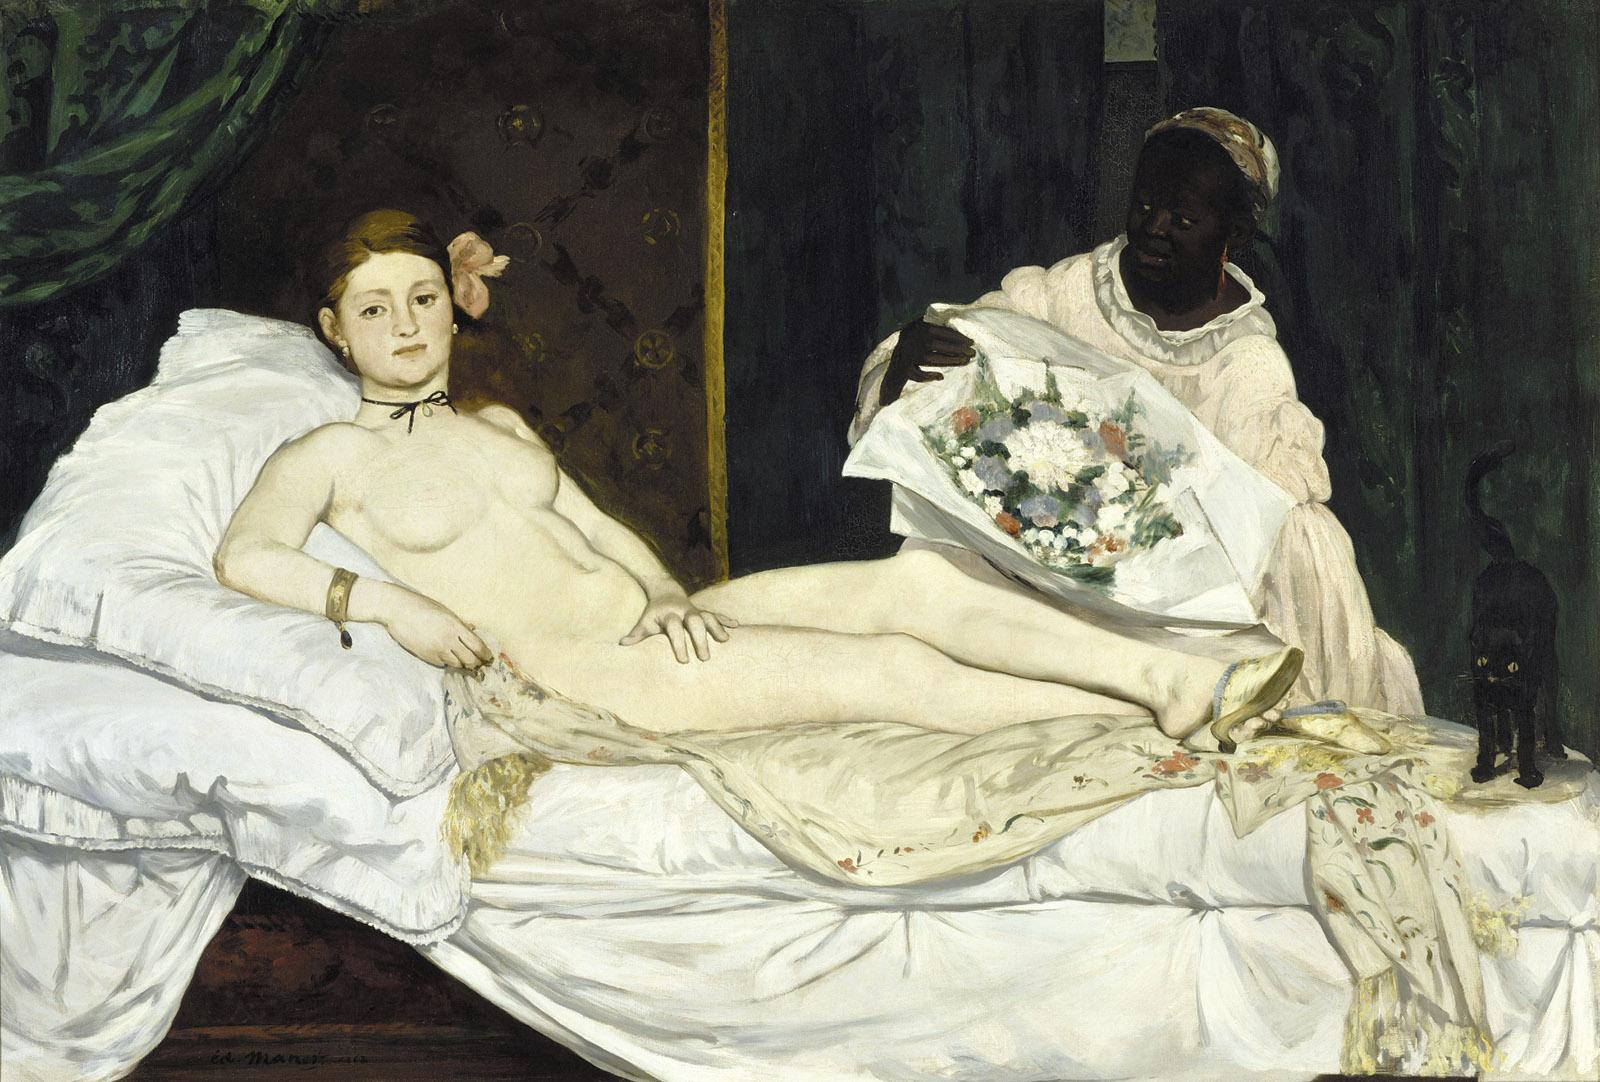 Édouard Manet's Olympia, 1863